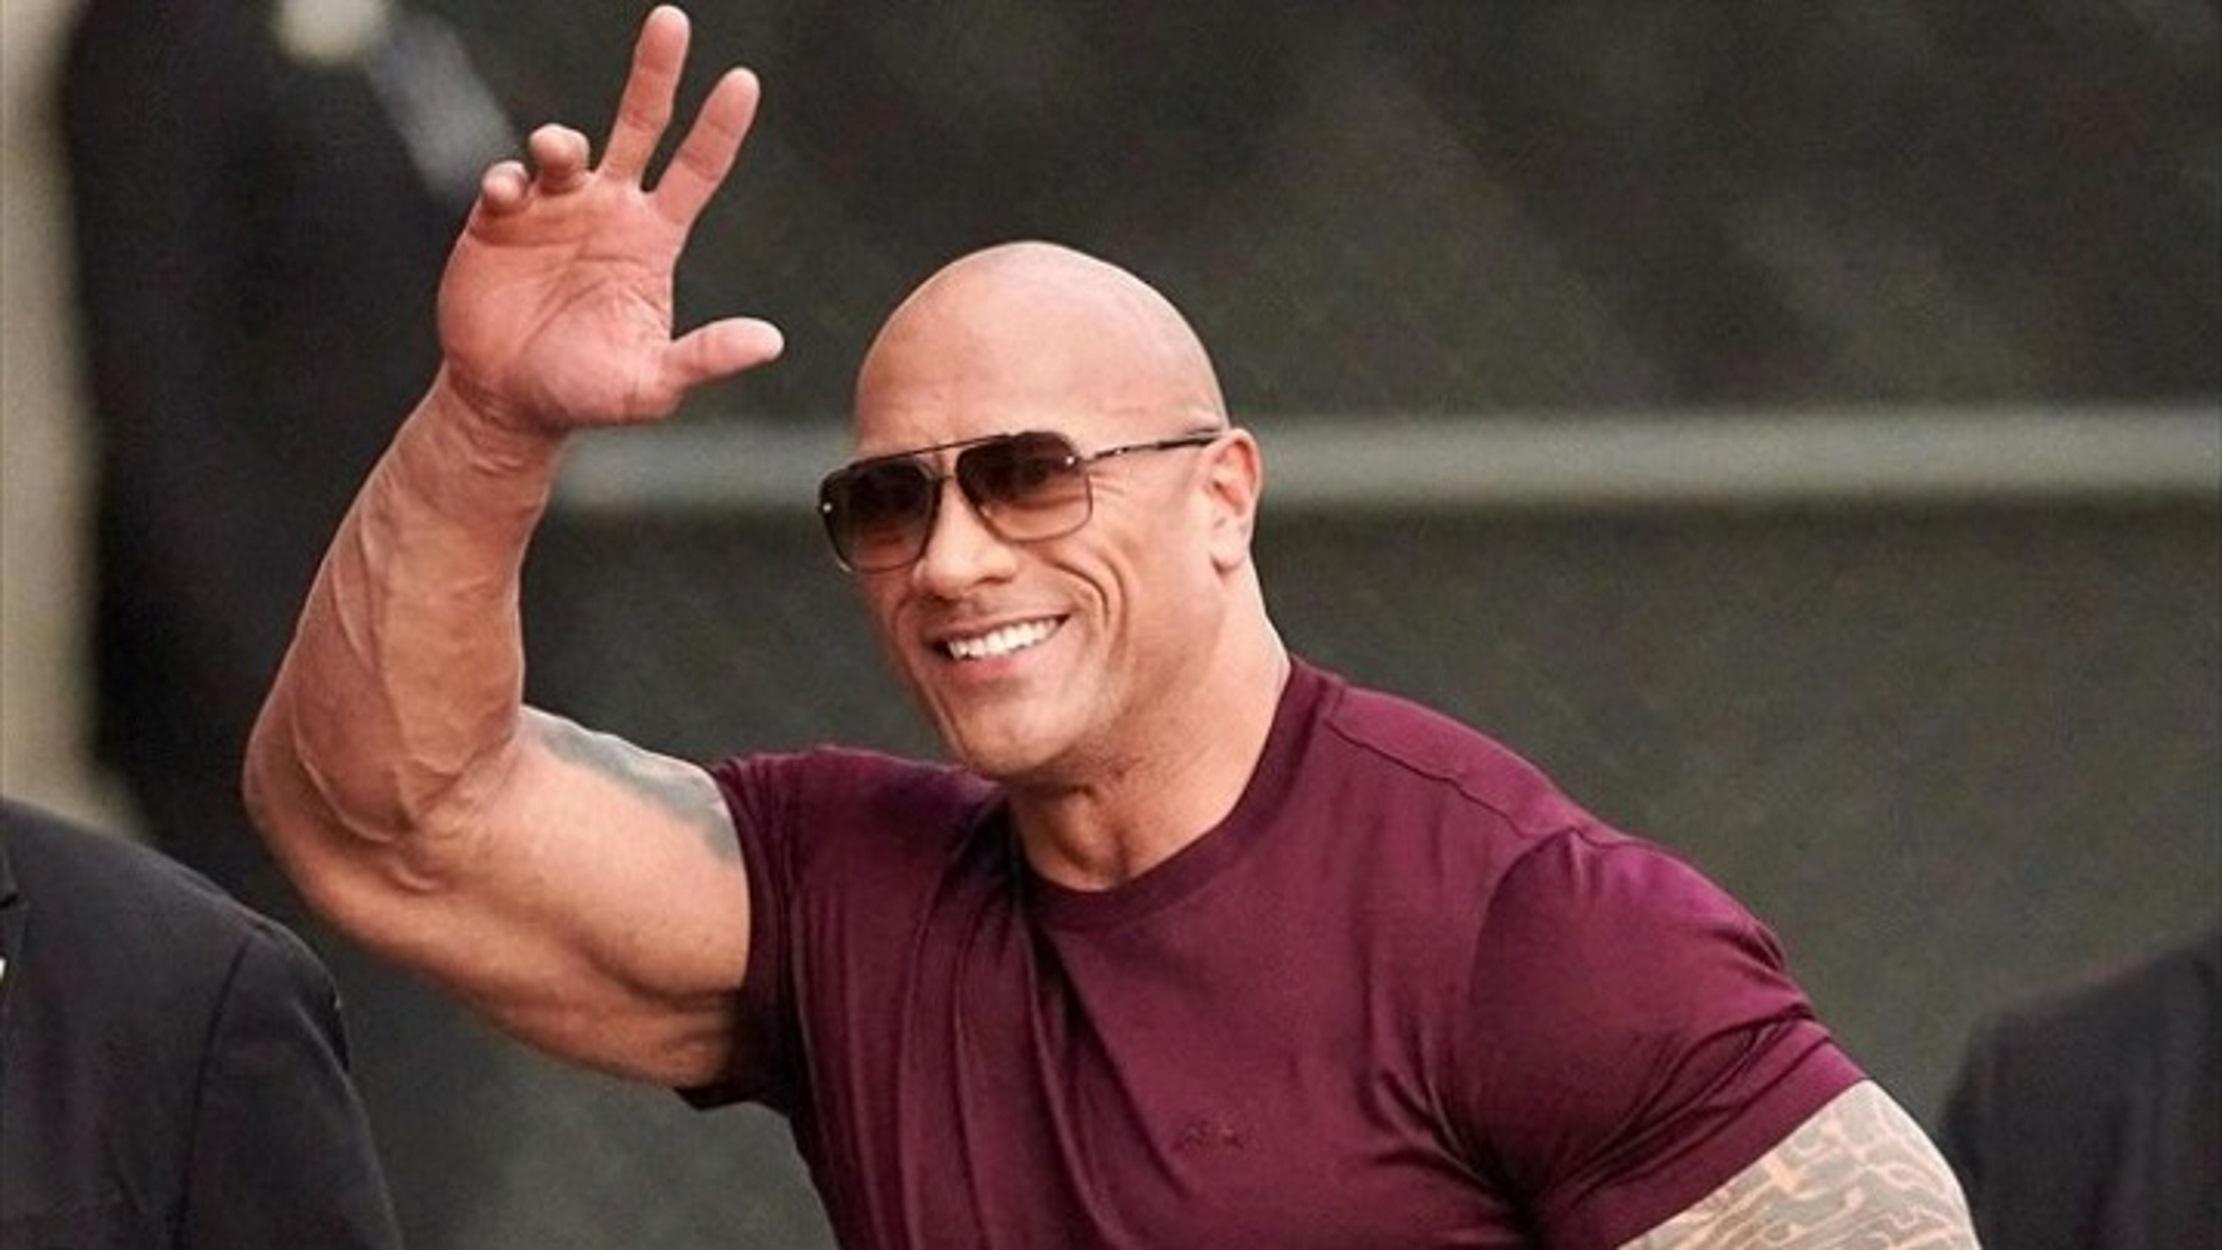 Συγκίνησε ο «Rock»: Χάρισε αμάξι 30.000 δολαρίων στον άνθρωπο που τον μάζεψε όταν ήταν άστεγος (video)